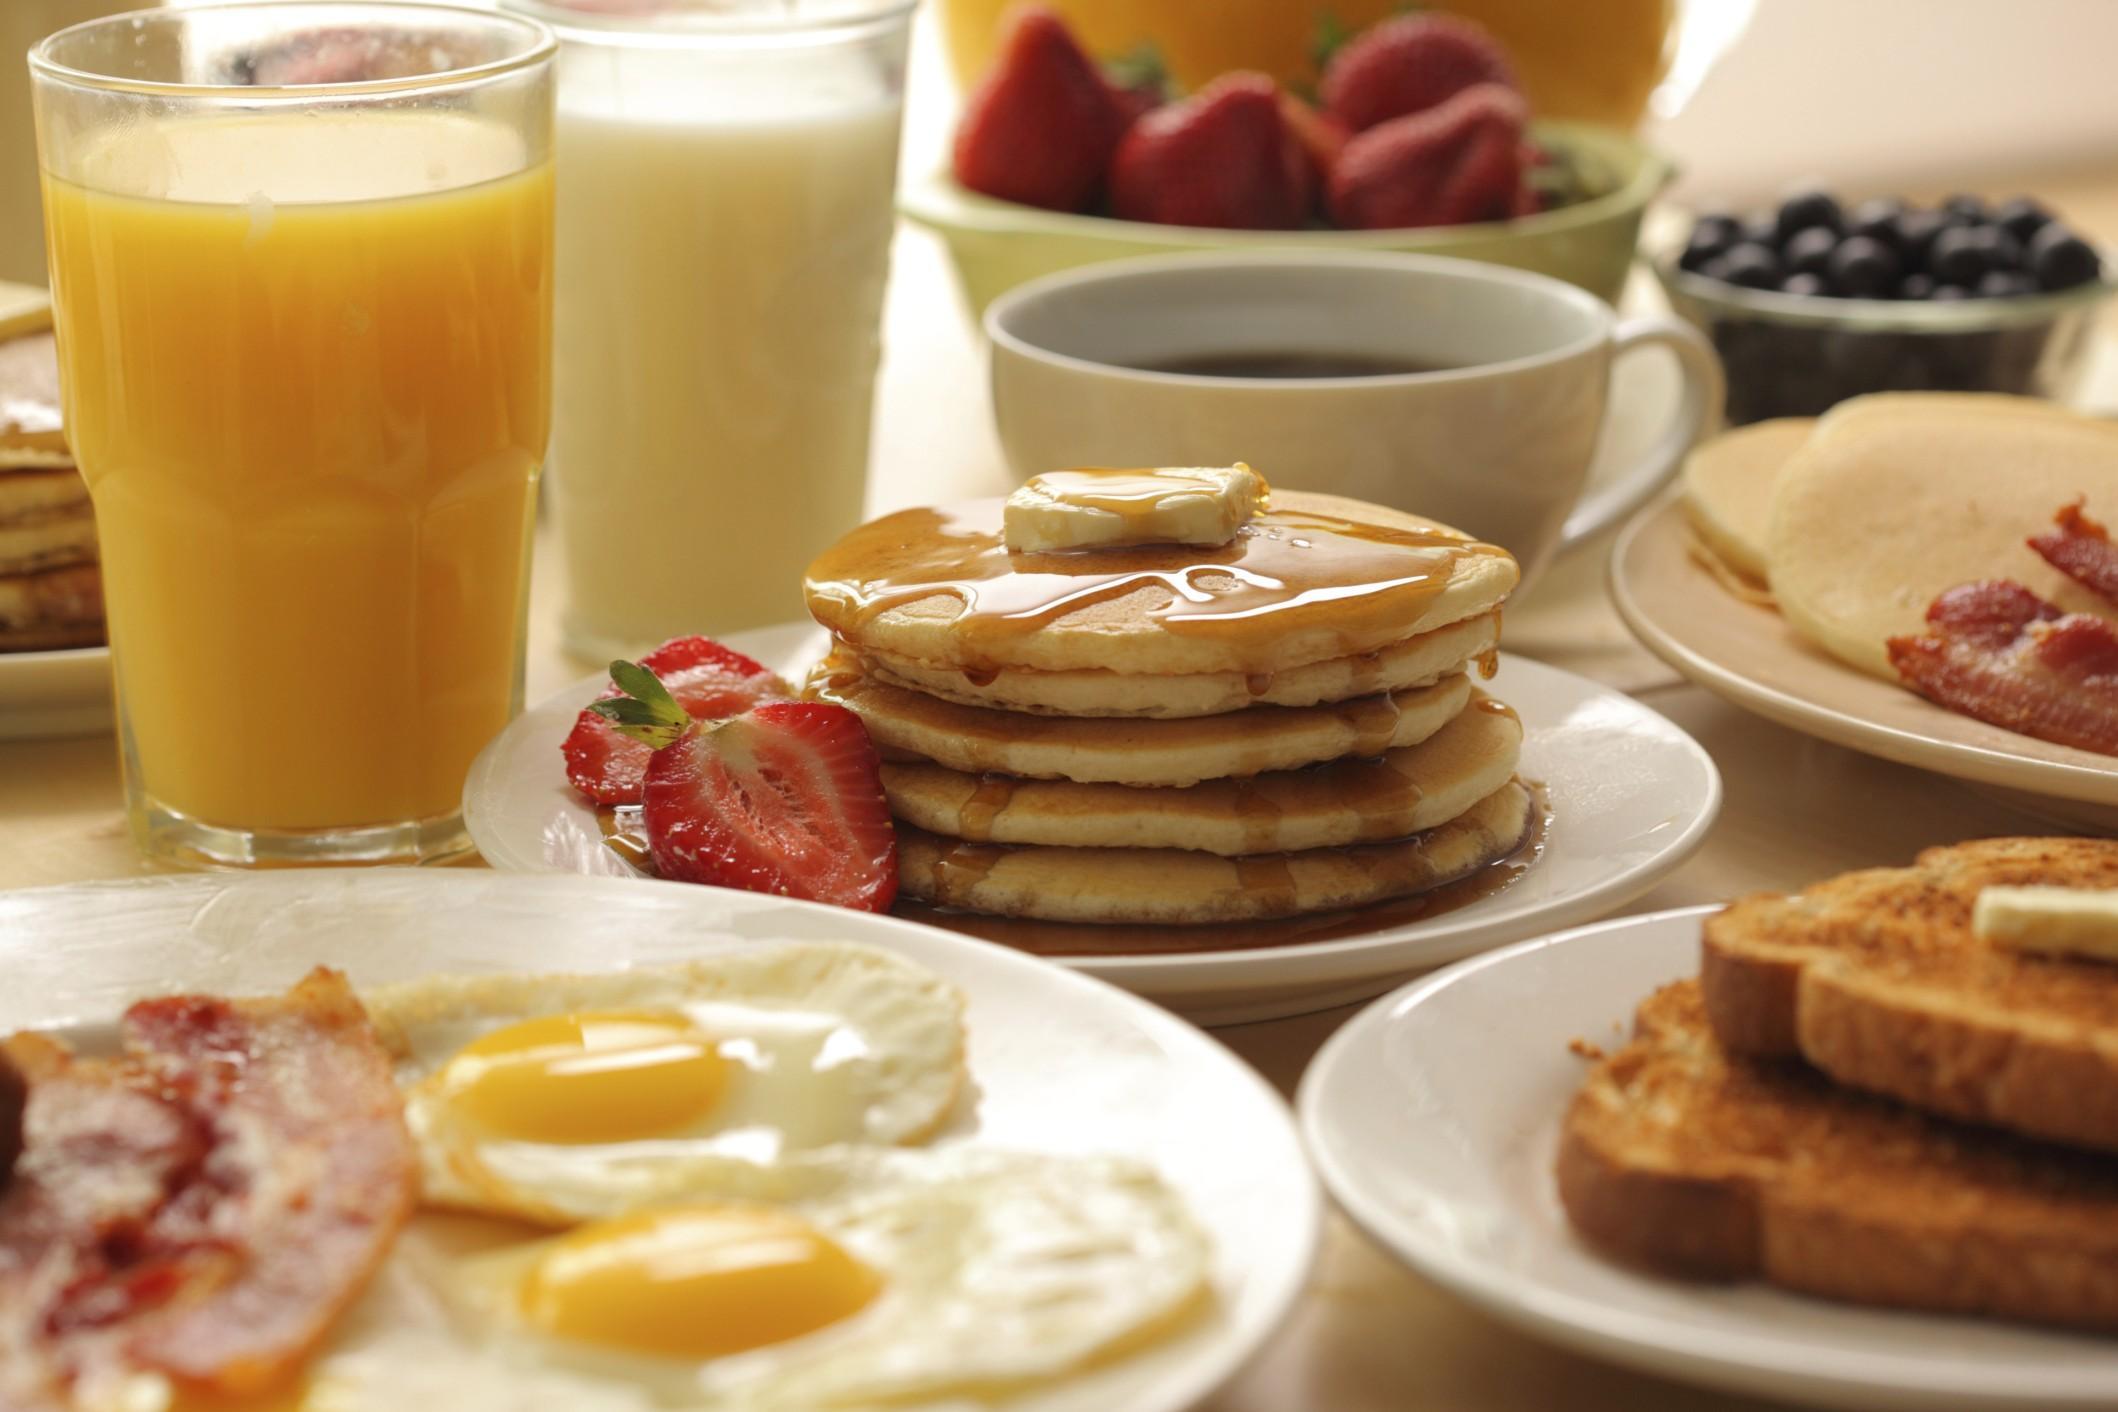 come preparare una colazione americana bbb1d099a3ac337f711fbbbefaacfb5f